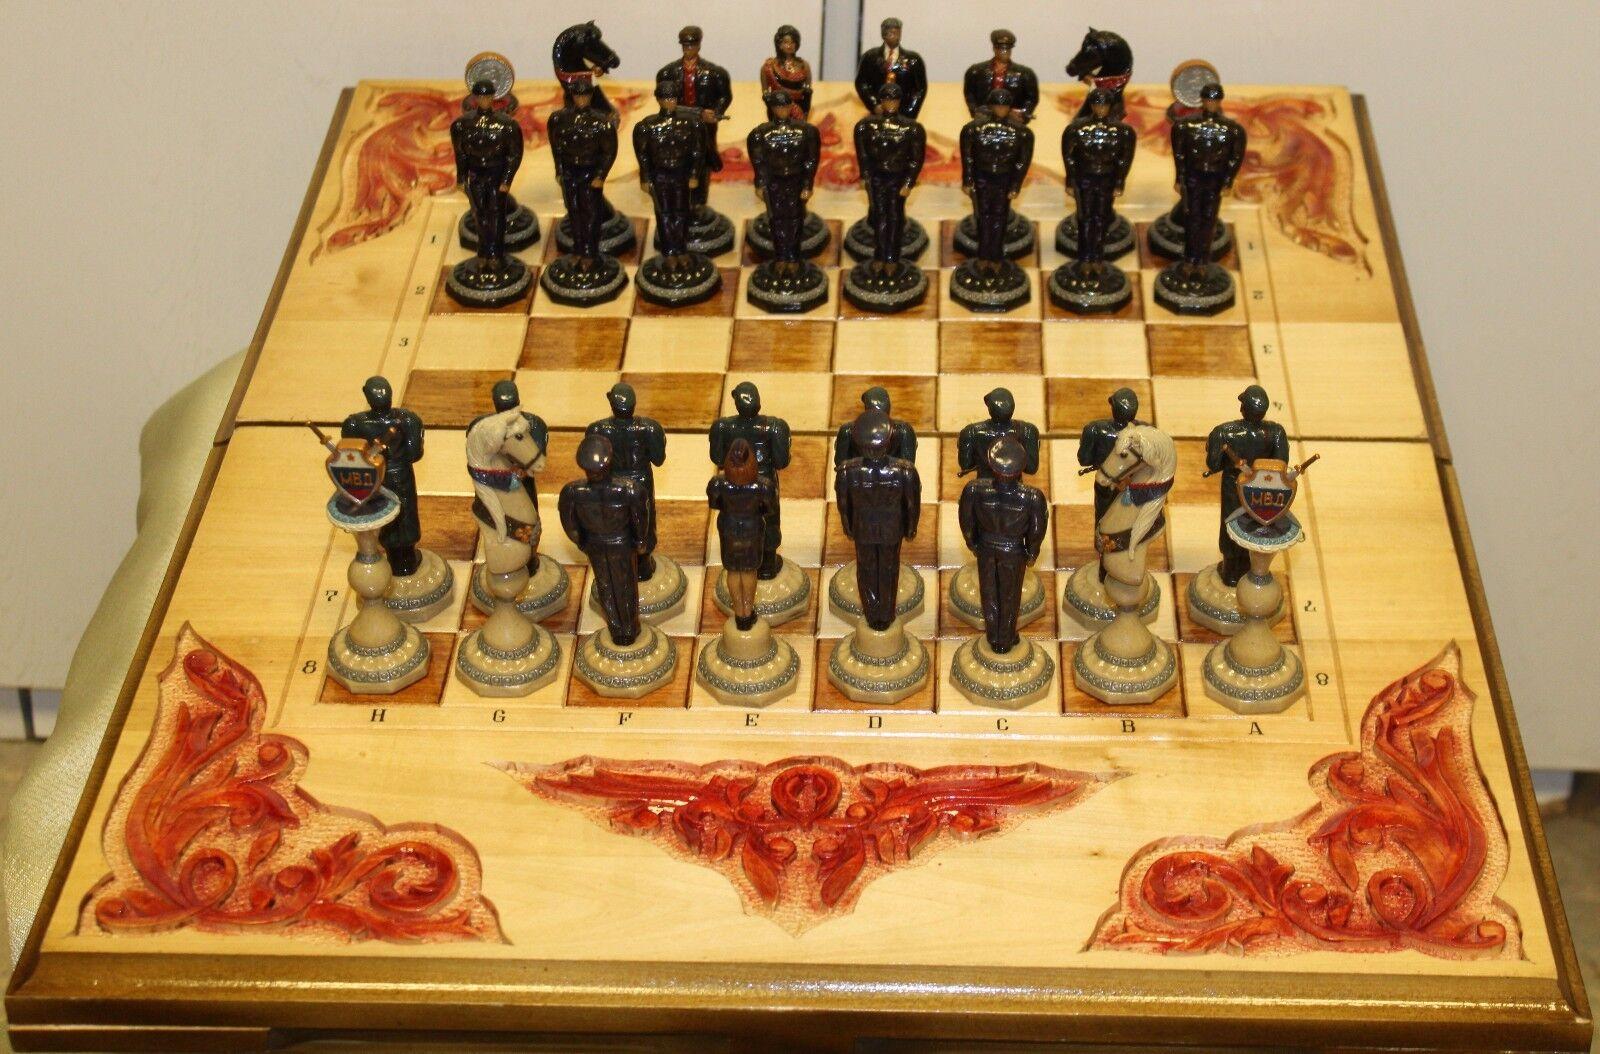 tomar hasta un 70% de descuento Juego de ajedrez ruso ruso ruso PAN № 2: guardias de presos Vs de celda.  ahorre 60% de descuento